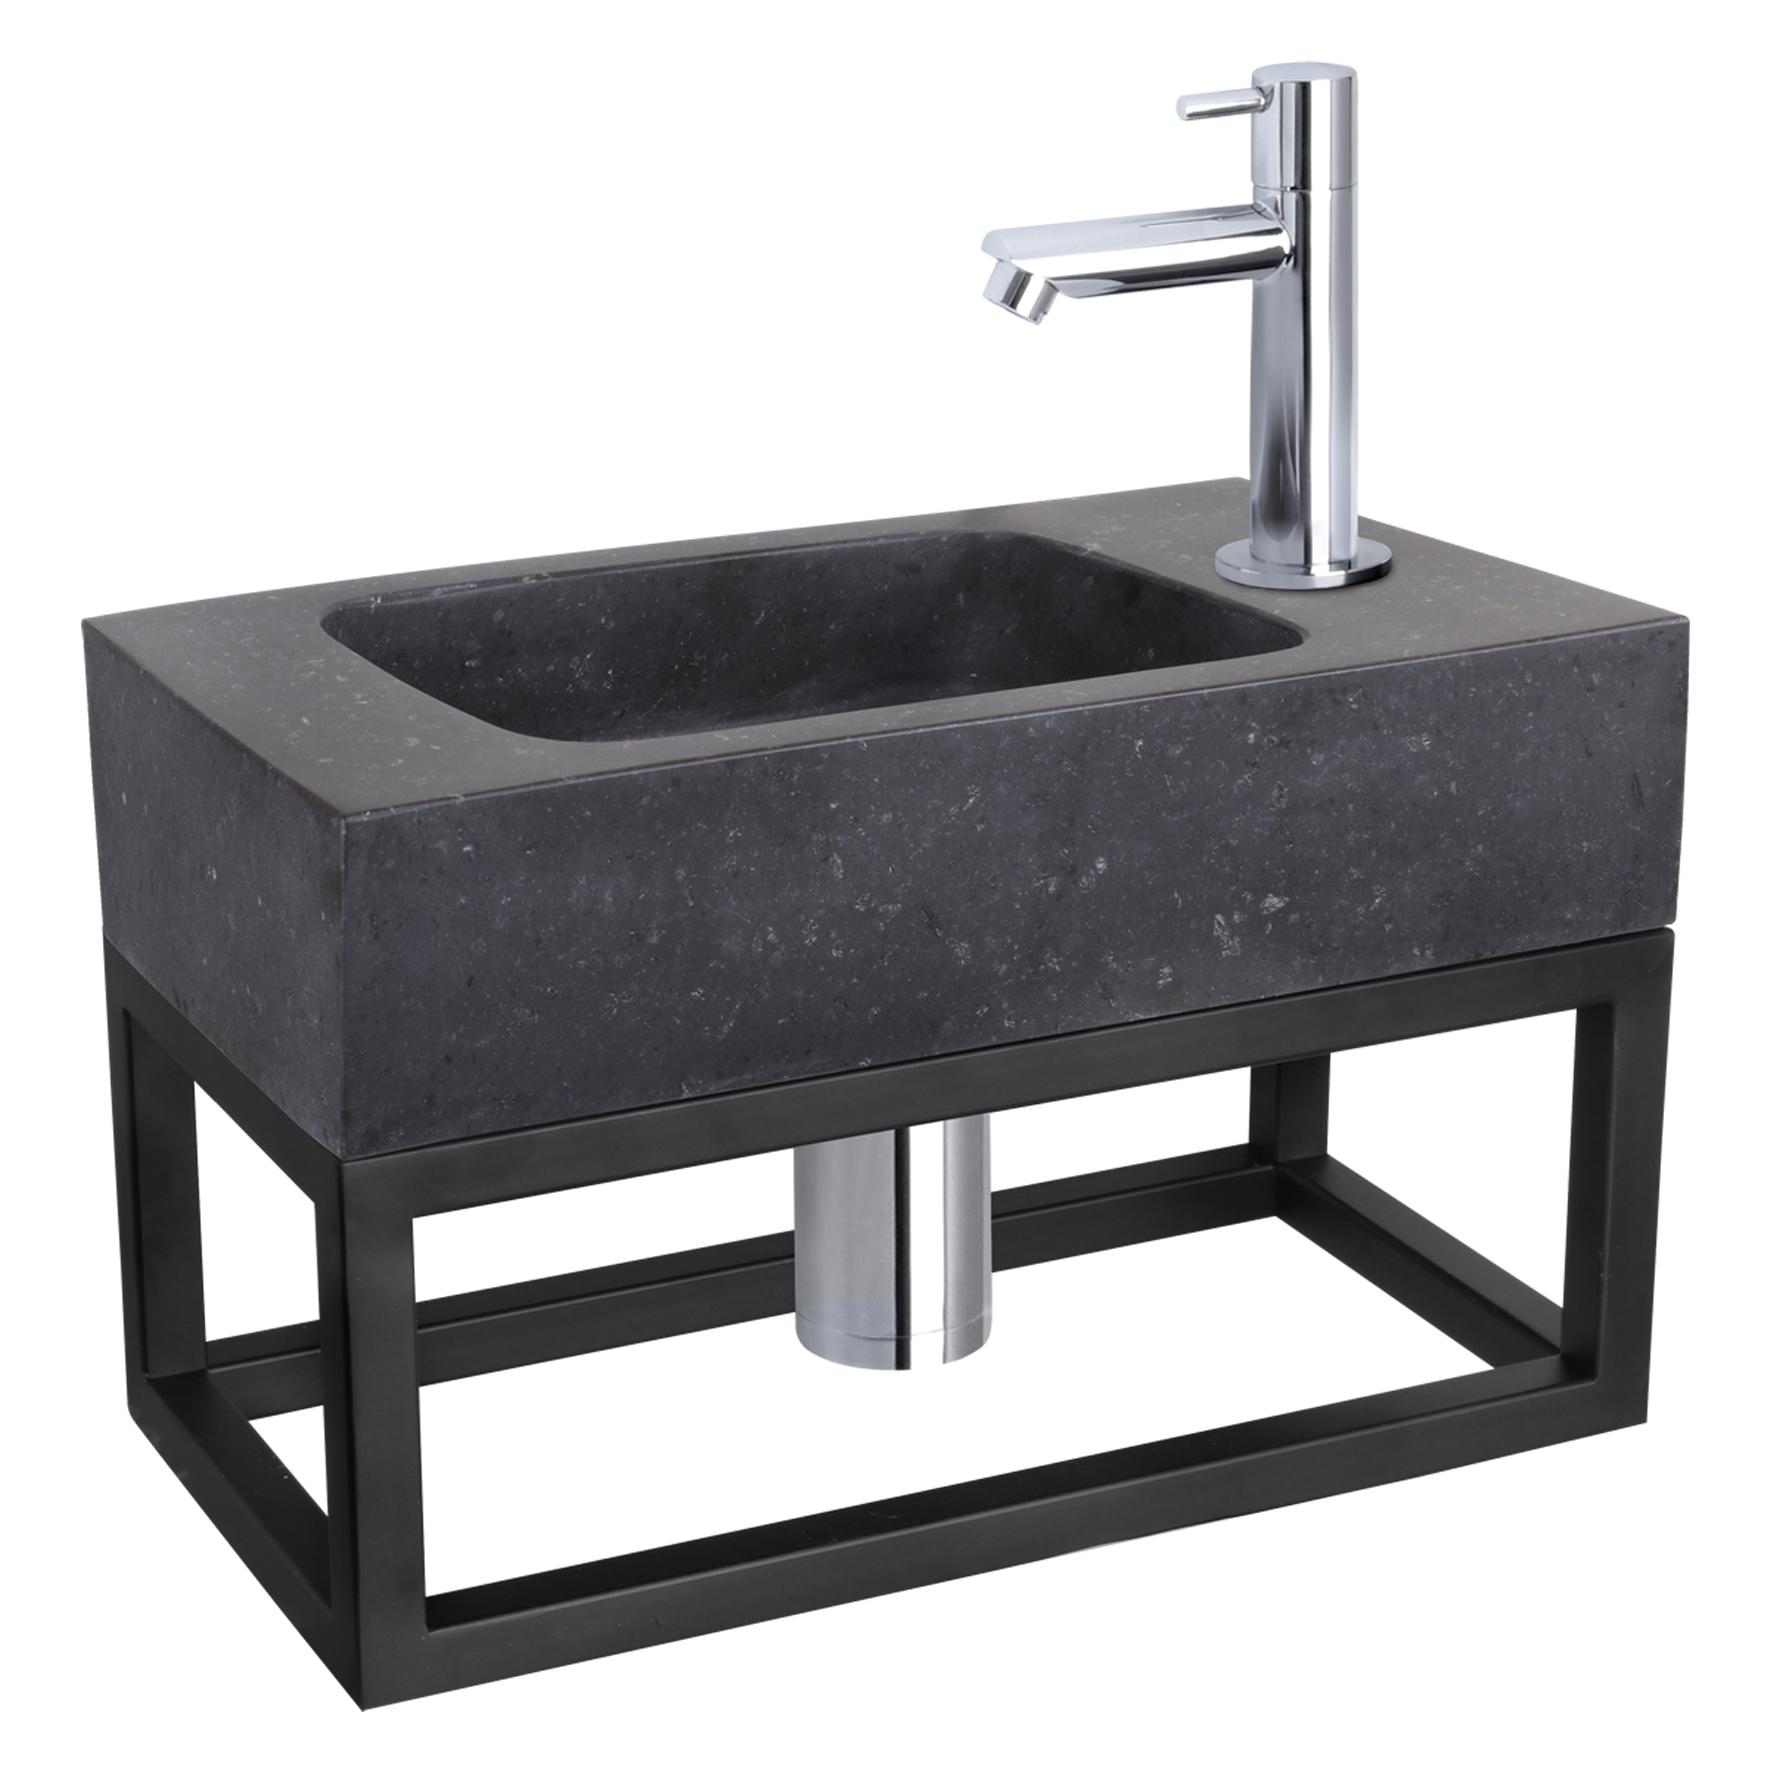 Fonteinset Bombai black - Natuursteen - Kraan recht chroom - Met handdoekrek